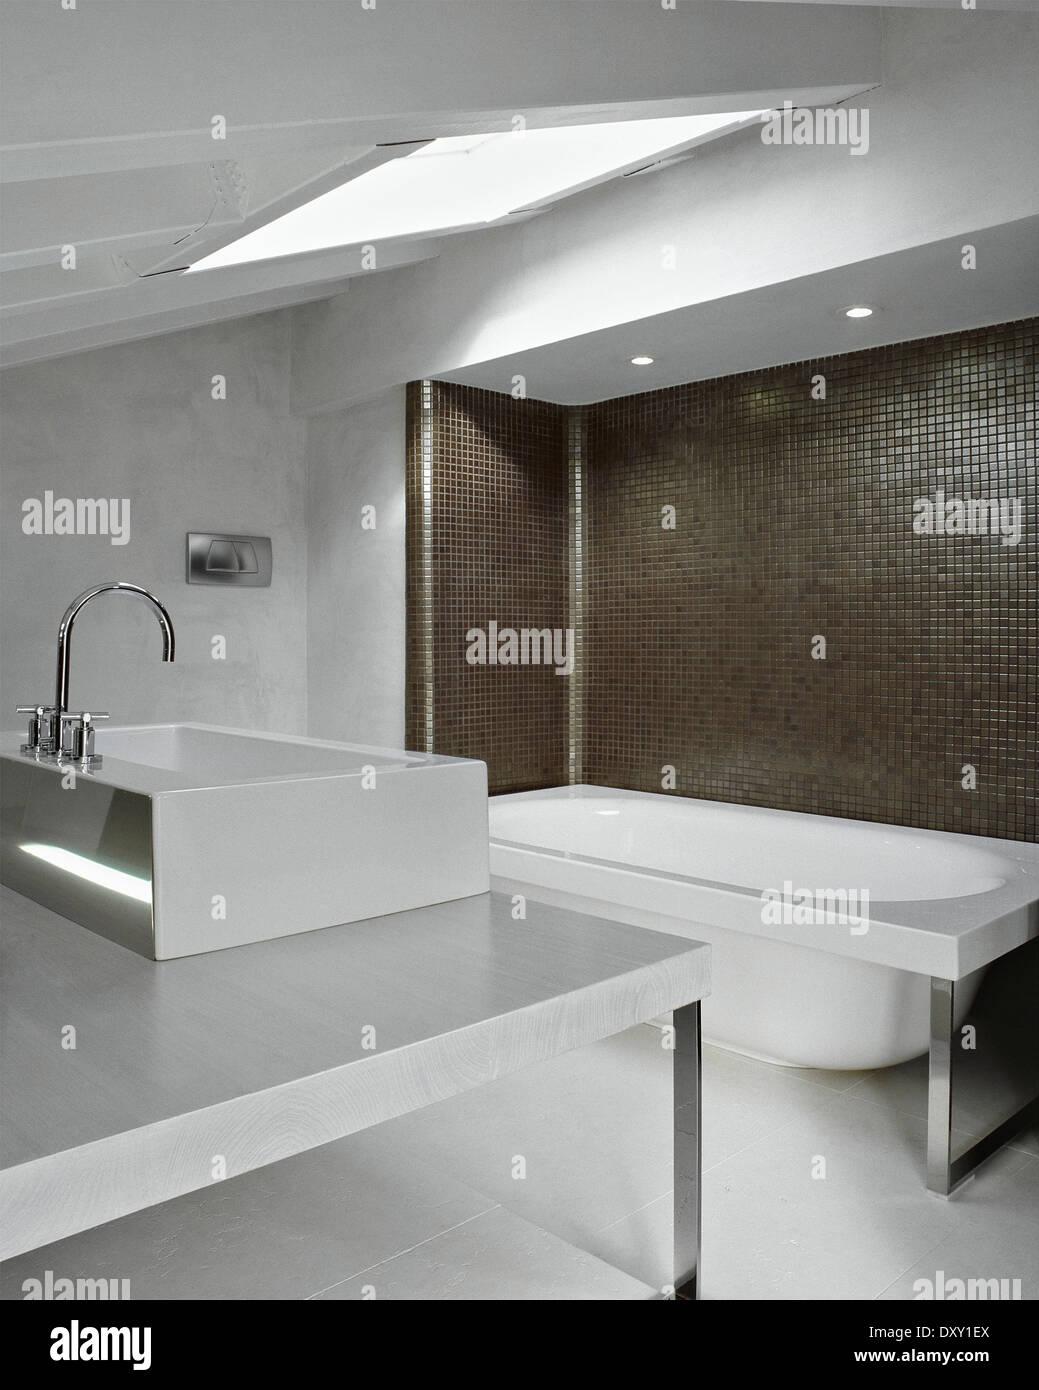 Dachboden Badezimmer Korper Dekor Stockfotos Dachboden